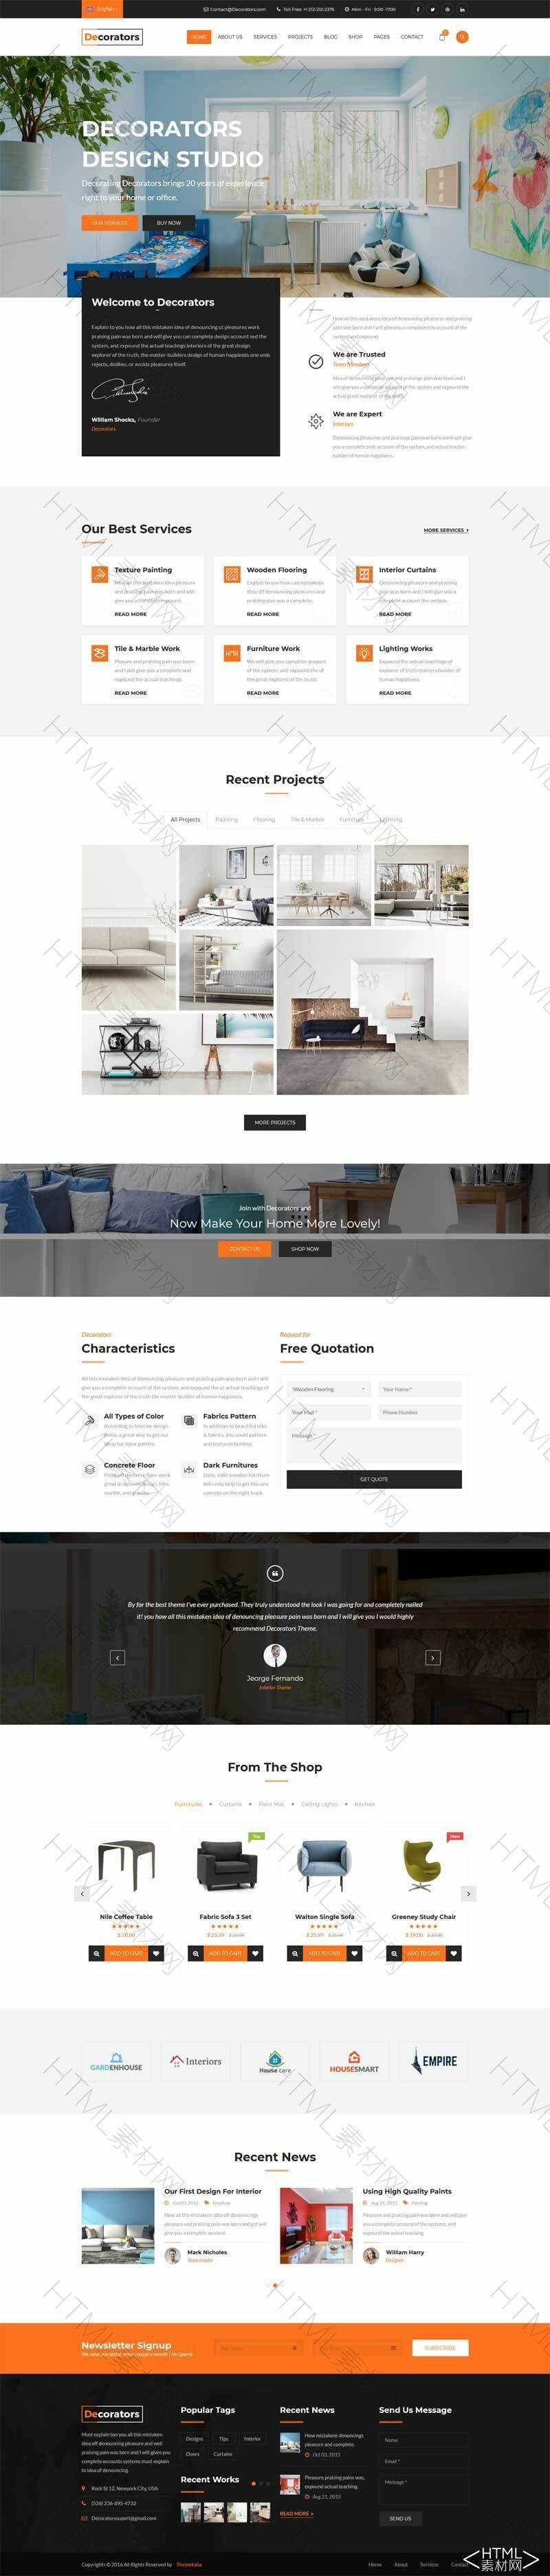 大气的室内家具装饰平台bootstrap网站模板.jpg